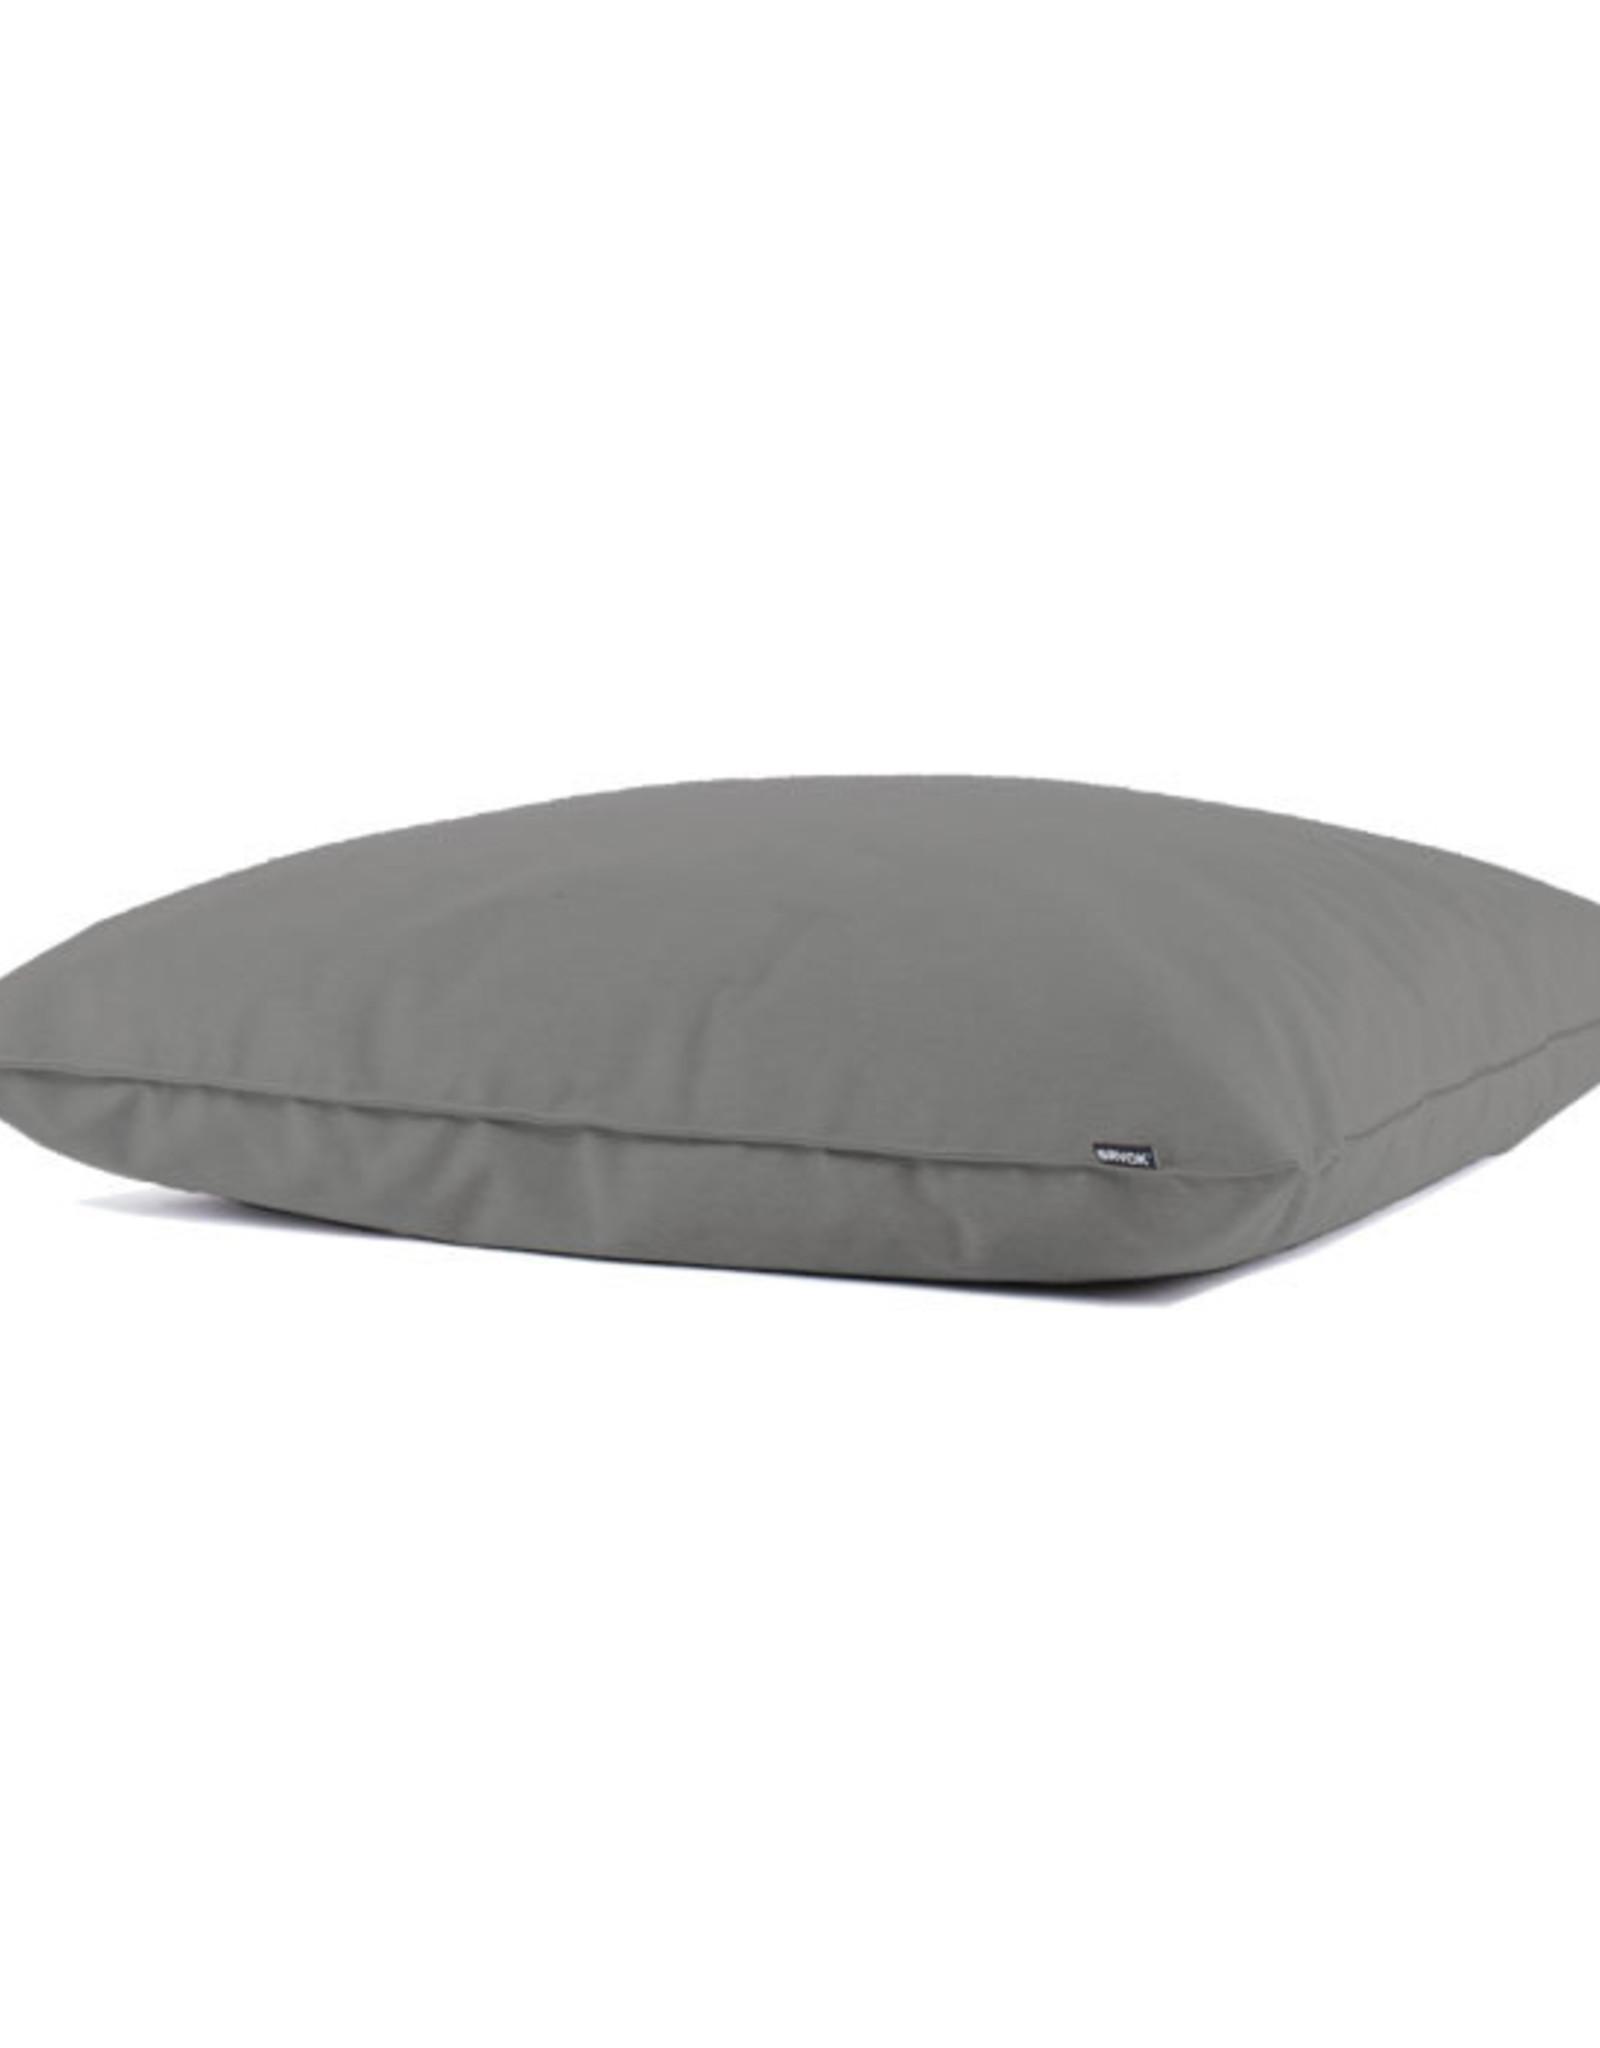 Bryck Bryck - Pill-o - Ecollection - Medium grey